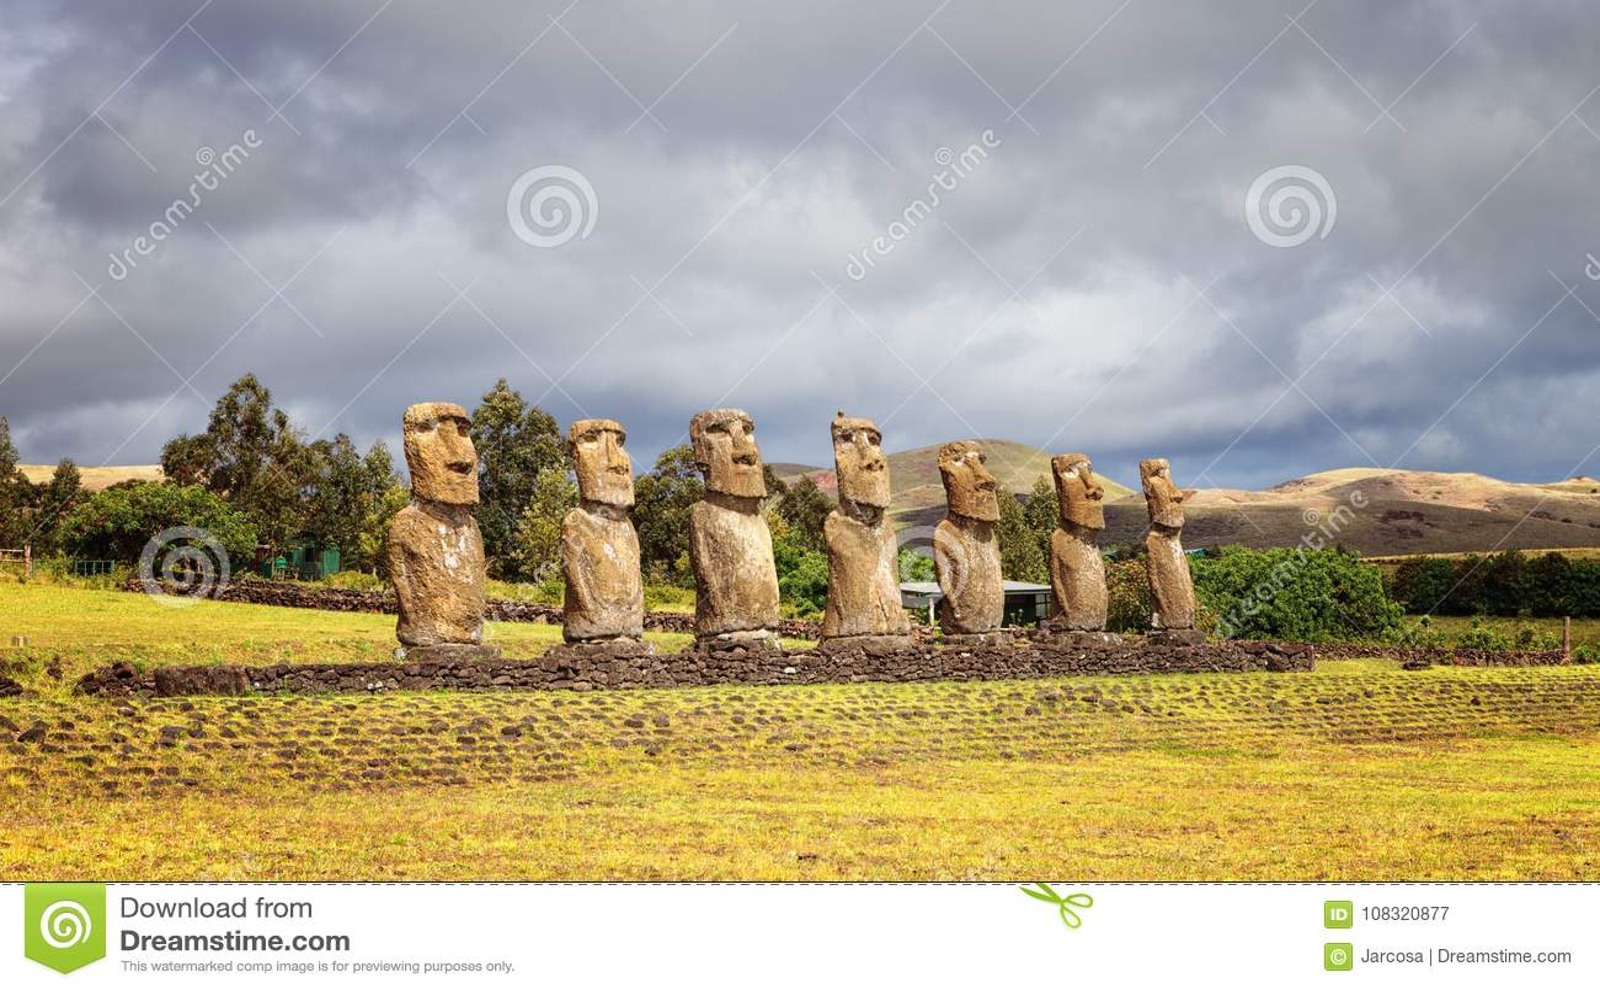 Ahu Akivi was eerste herstelde Ahu, moai zeven die RISI onder ogen zien